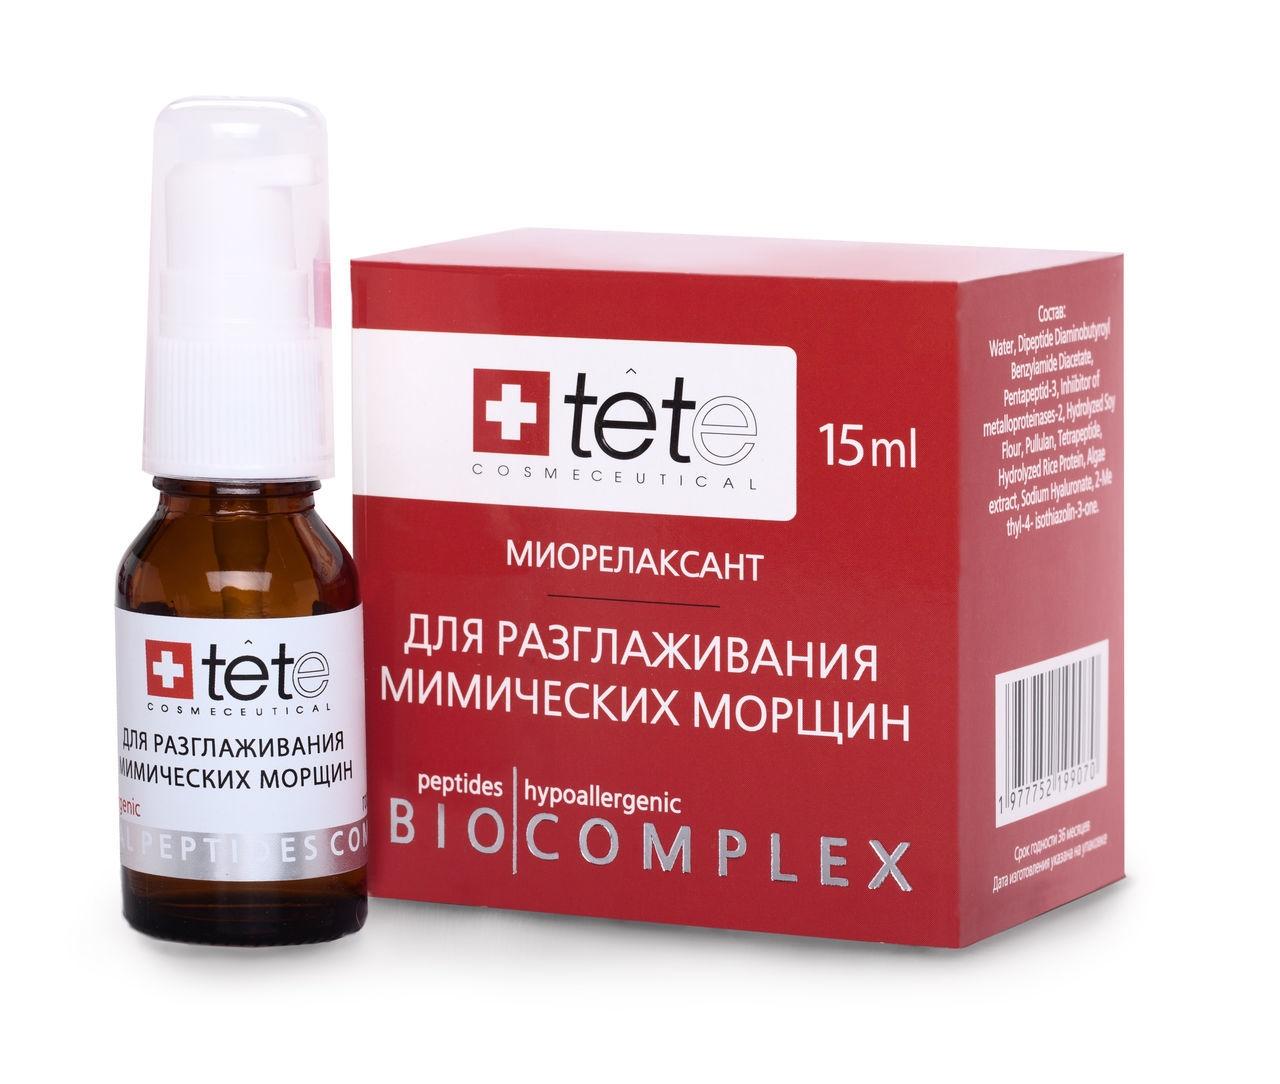 TETe Cosmeceutical Биокомплекс для разглаживания мимических морщин, 15 мл недорого